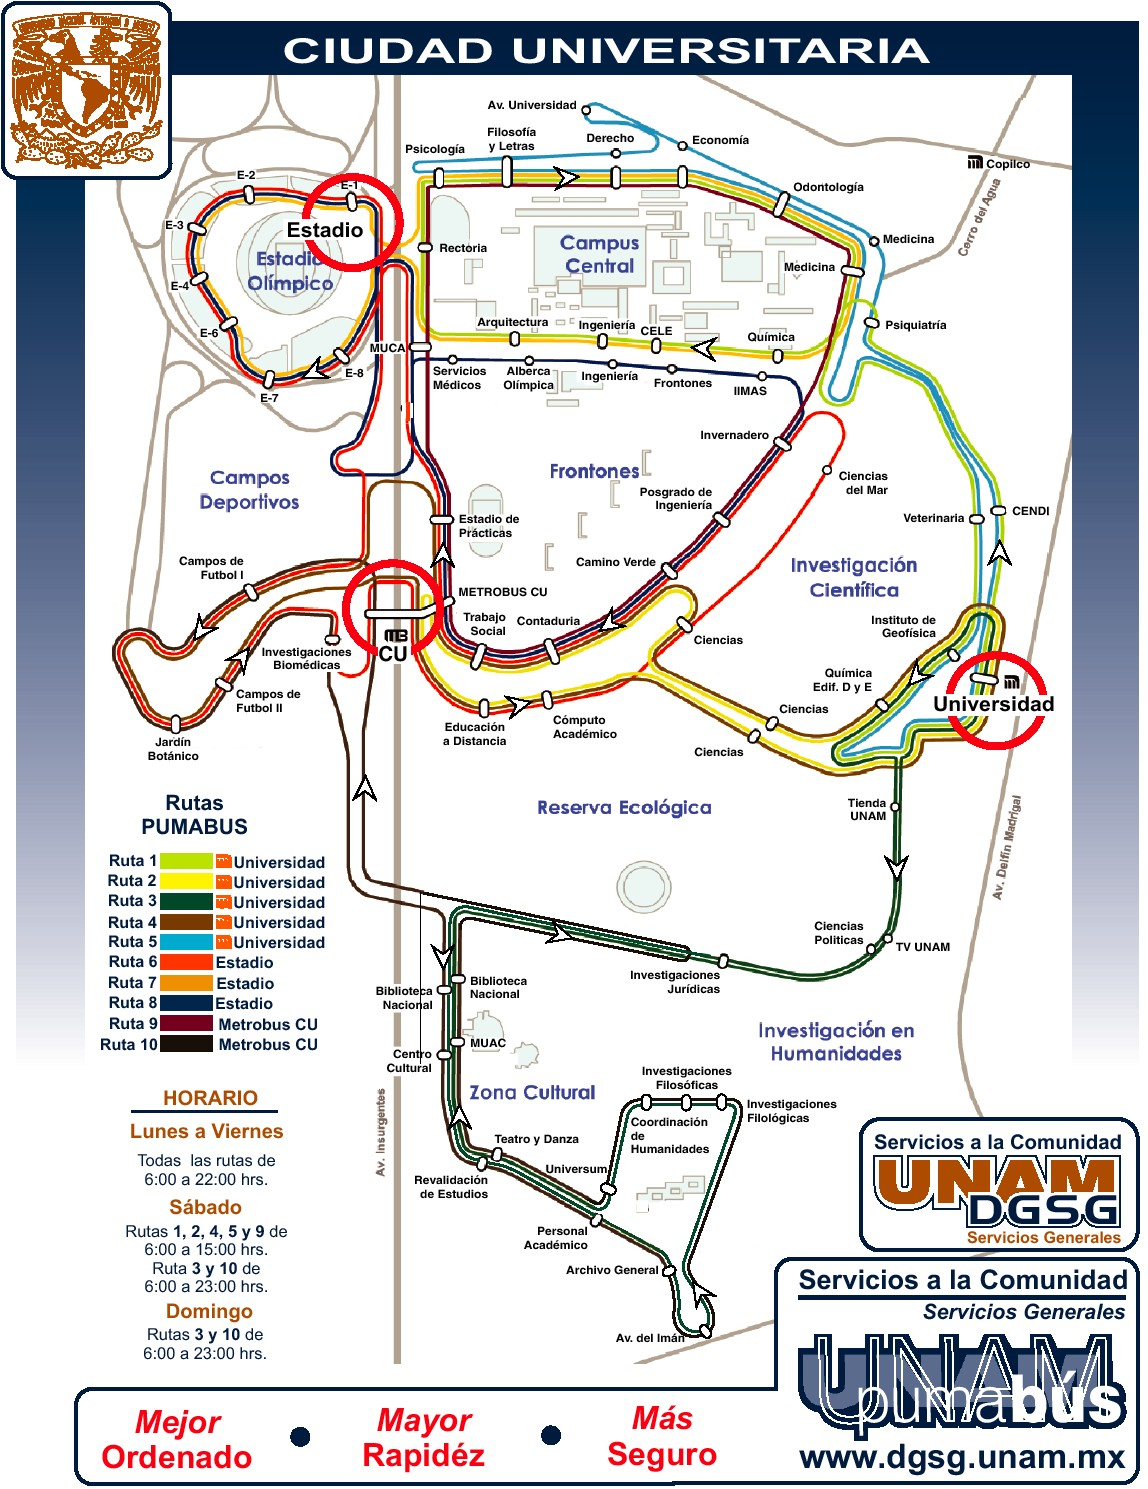 Descripción Pumabus rutas.jpg